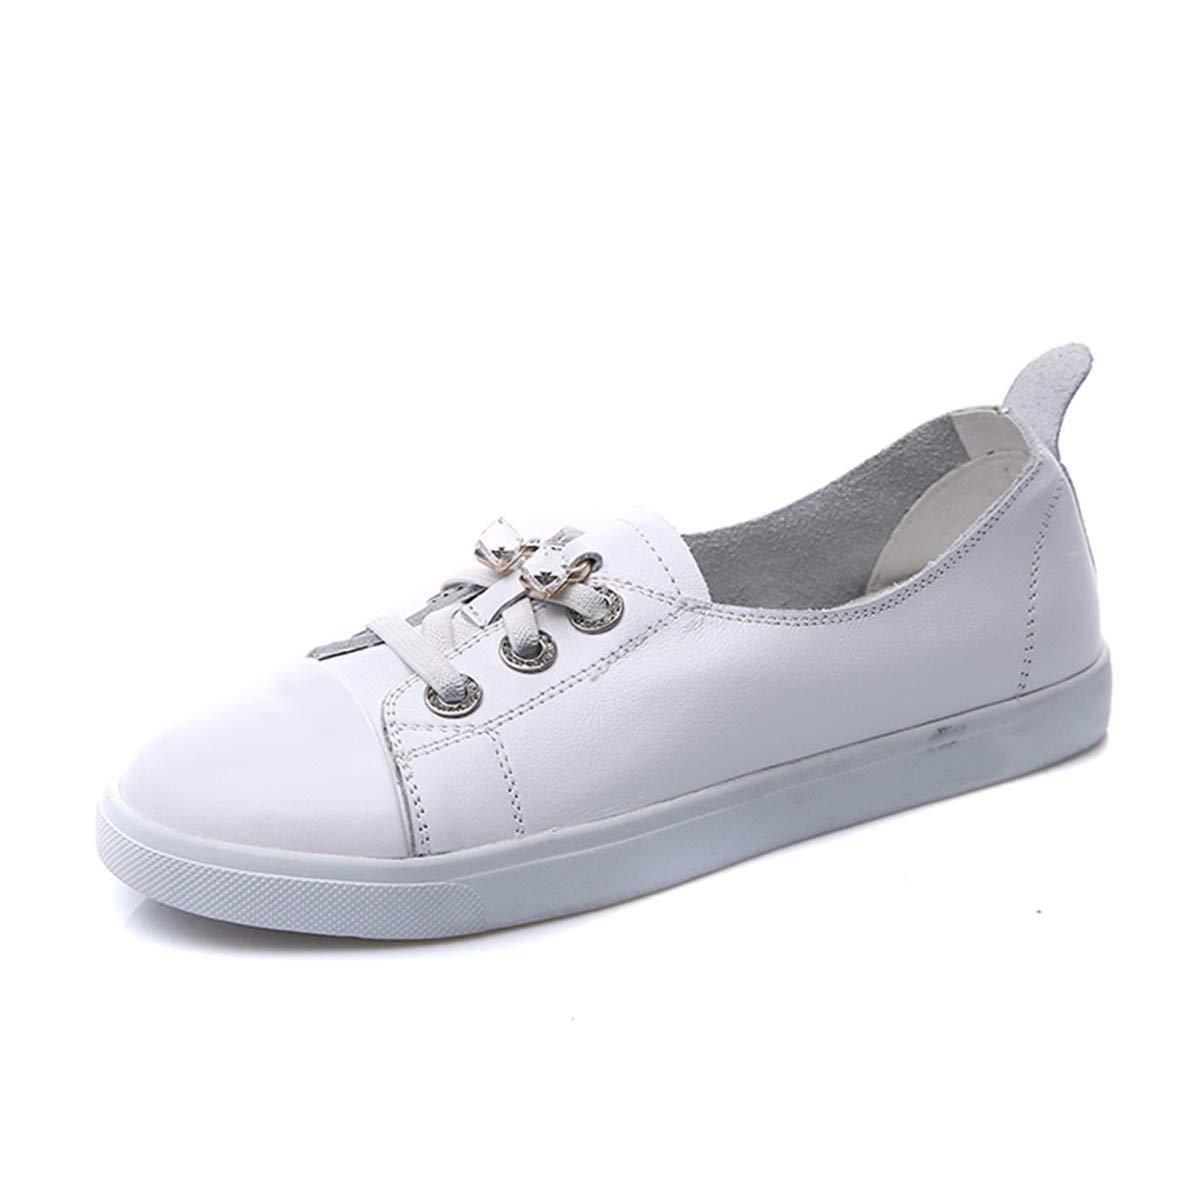 KPHY Chaussures Femmes/Le Cuir des Loisirs Petites Chaussures Blanches Printemps des Pédales Lâche Et Paresseux De Chaussures des Étudiants des Centaines De Chaussures